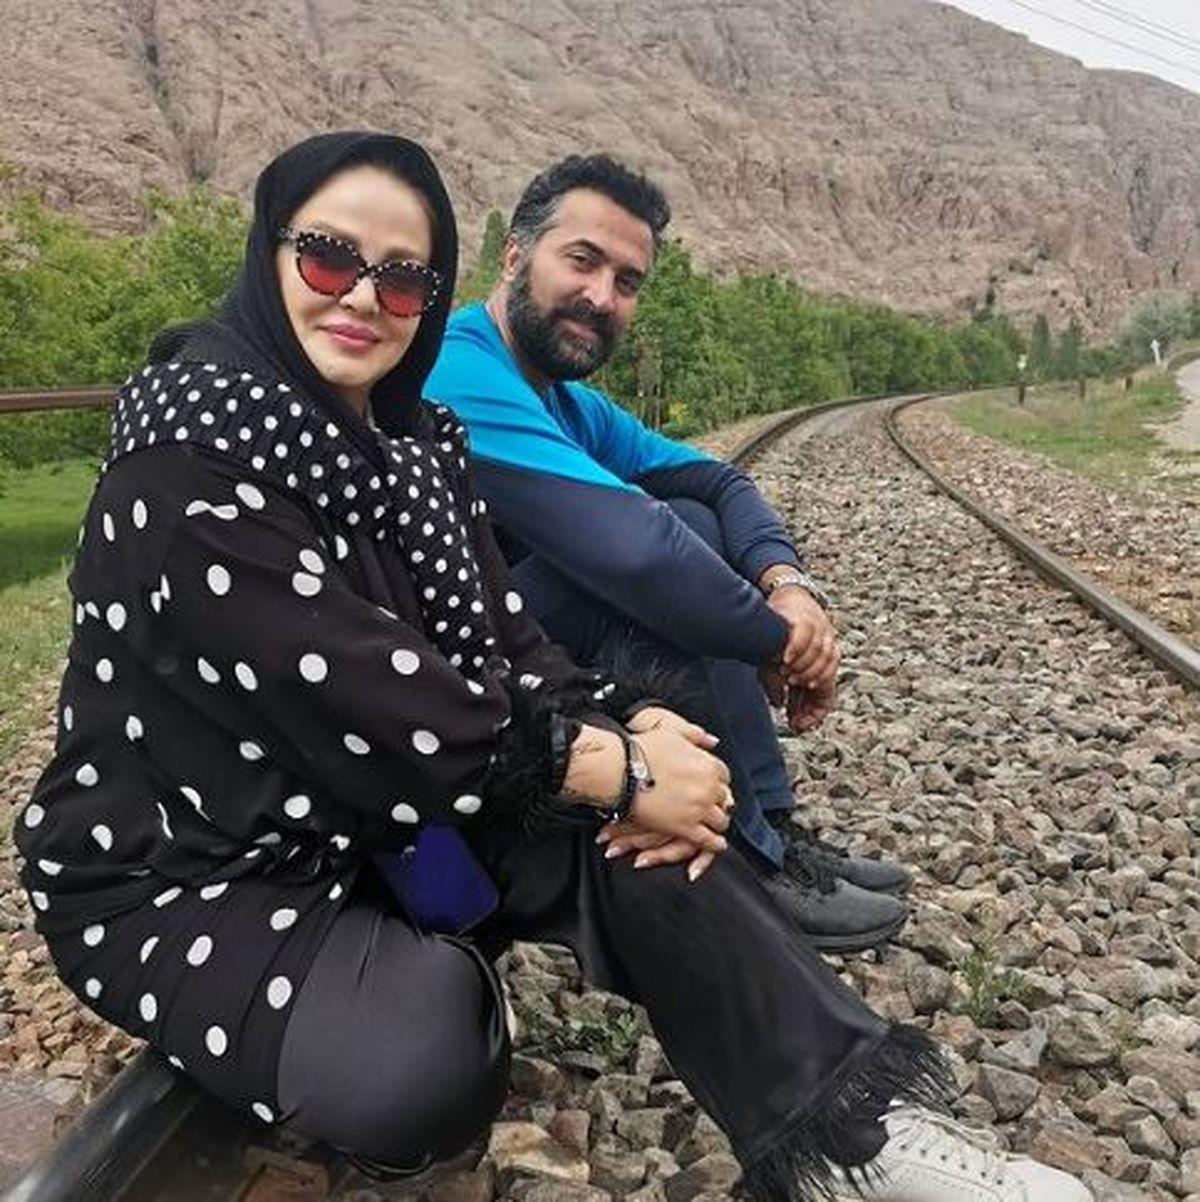 خوشگذرانی بهاره رهنما و حاجی با تیپ خال خالی +عکس